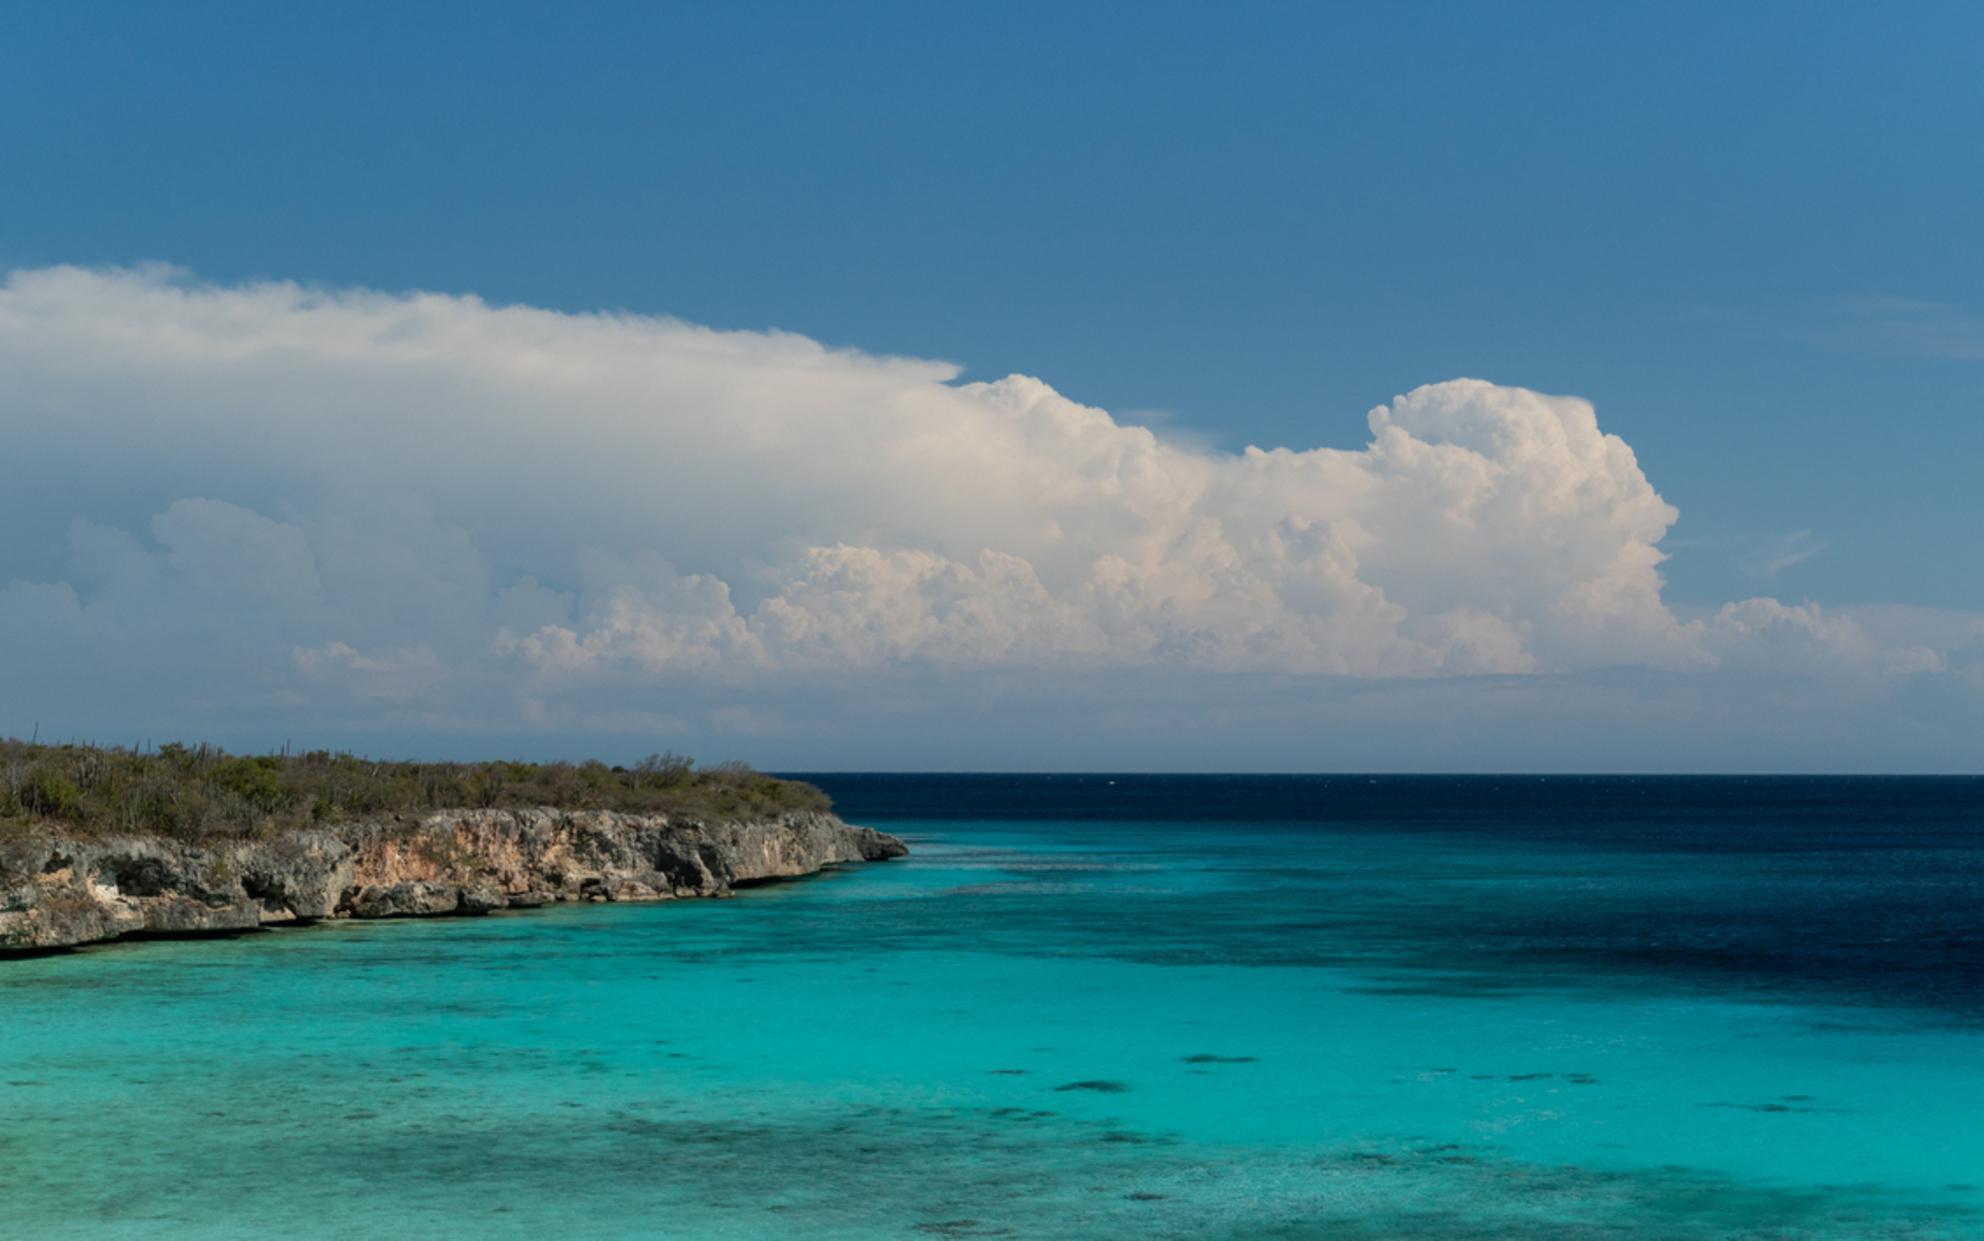 Porto Marie - Na een lekker duikje in het water, is deze foto van dit mooie strand genomen. - foto door Kevin26 op 11-01-2019 - deze foto bevat: lucht, wolken, zon, uitzicht, strand, zee, water, natuur, vakantie, reizen, landschap, curacao, reisfotografie, turquoise, 2018, portomarie